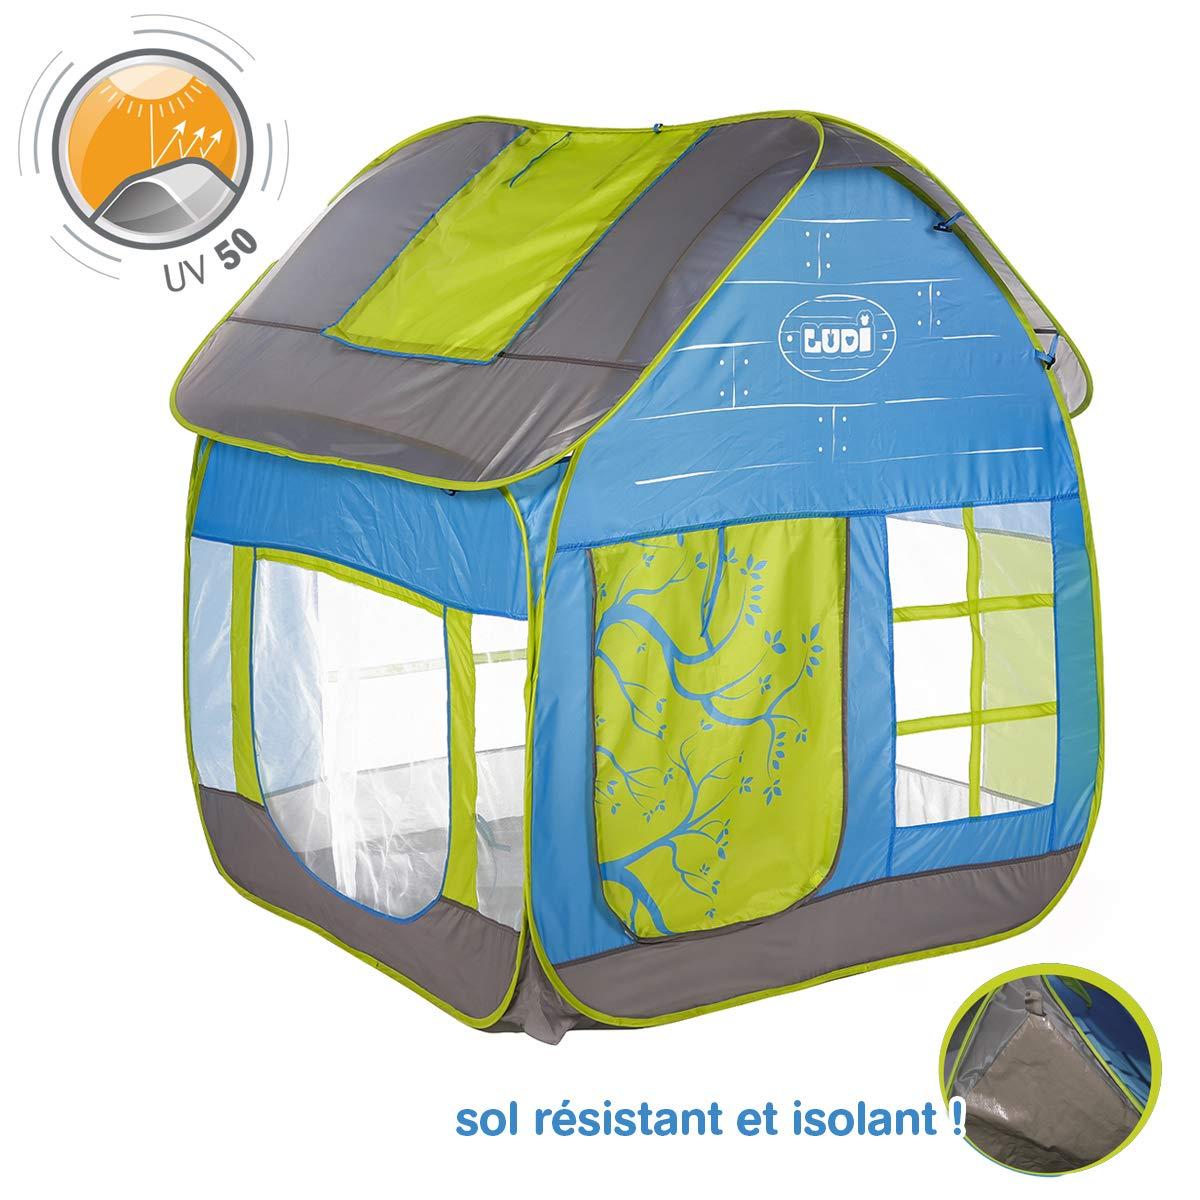 LUDI - Tente cottage pop-up pour jouer dans le jardin 130 x 120 x 144 cm. Dès 2 ans. Tissu résistant et anti UV, sol isolant, grande aérations, fixations au sol. Se plie et se range dans un sac- 5210 product image